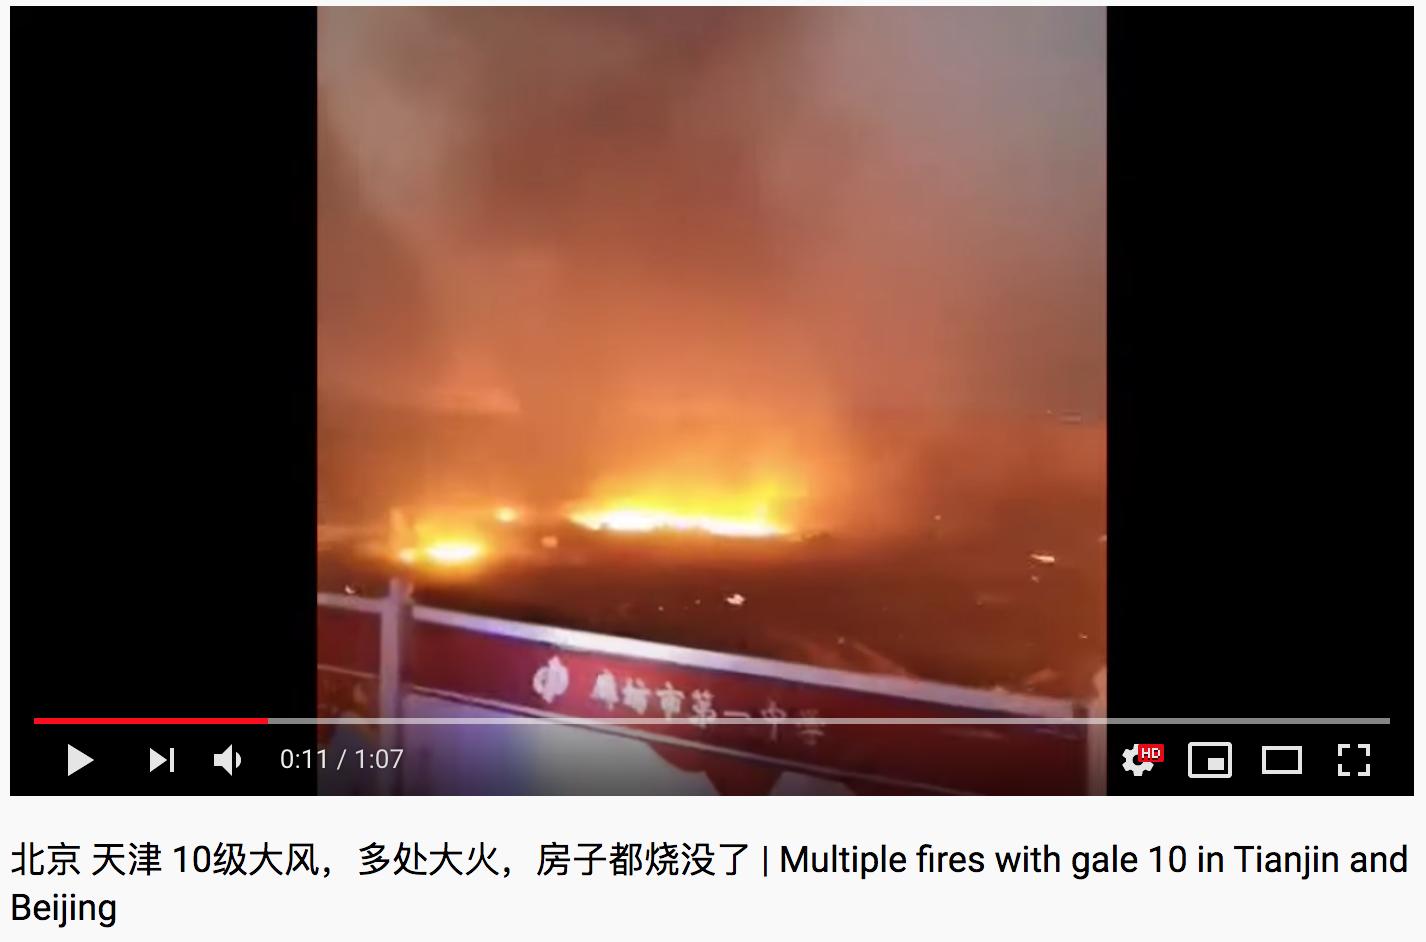 網上流傳視頻顯示,從北京通往天津的京滬高速公路周邊多處地區燃燒起了熊熊烈火,有網友懷疑是在焚燒屍體,解決中共病毒(武漢肺炎)問題。(影片截圖)